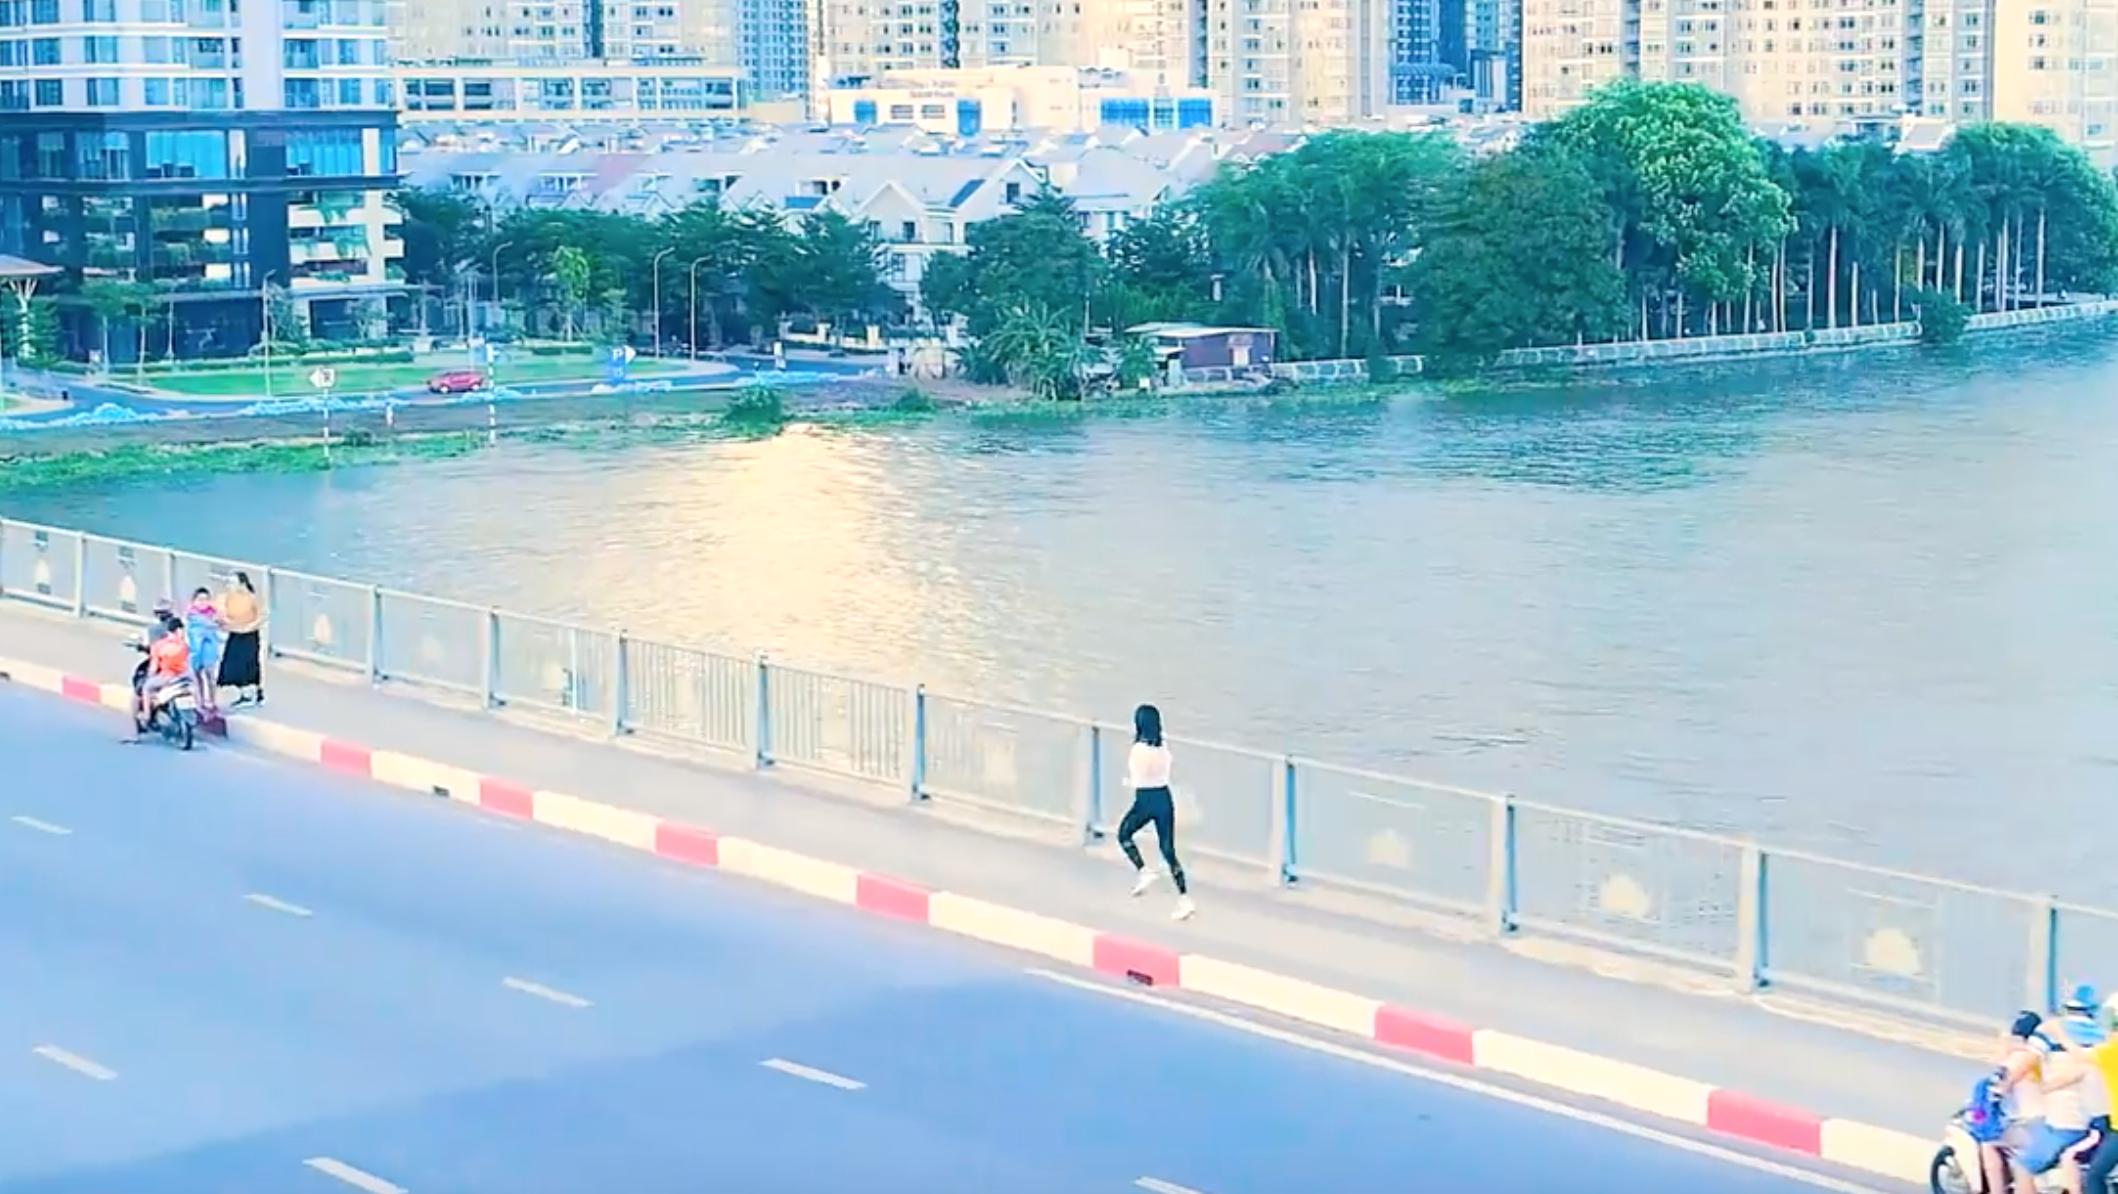 Đúng là gà nhà có khác, Thúy Ngân được Running Man đầu tư hẳn clip quay khắp Sài Gòn, còn dùng cả flycam! - Ảnh 5.